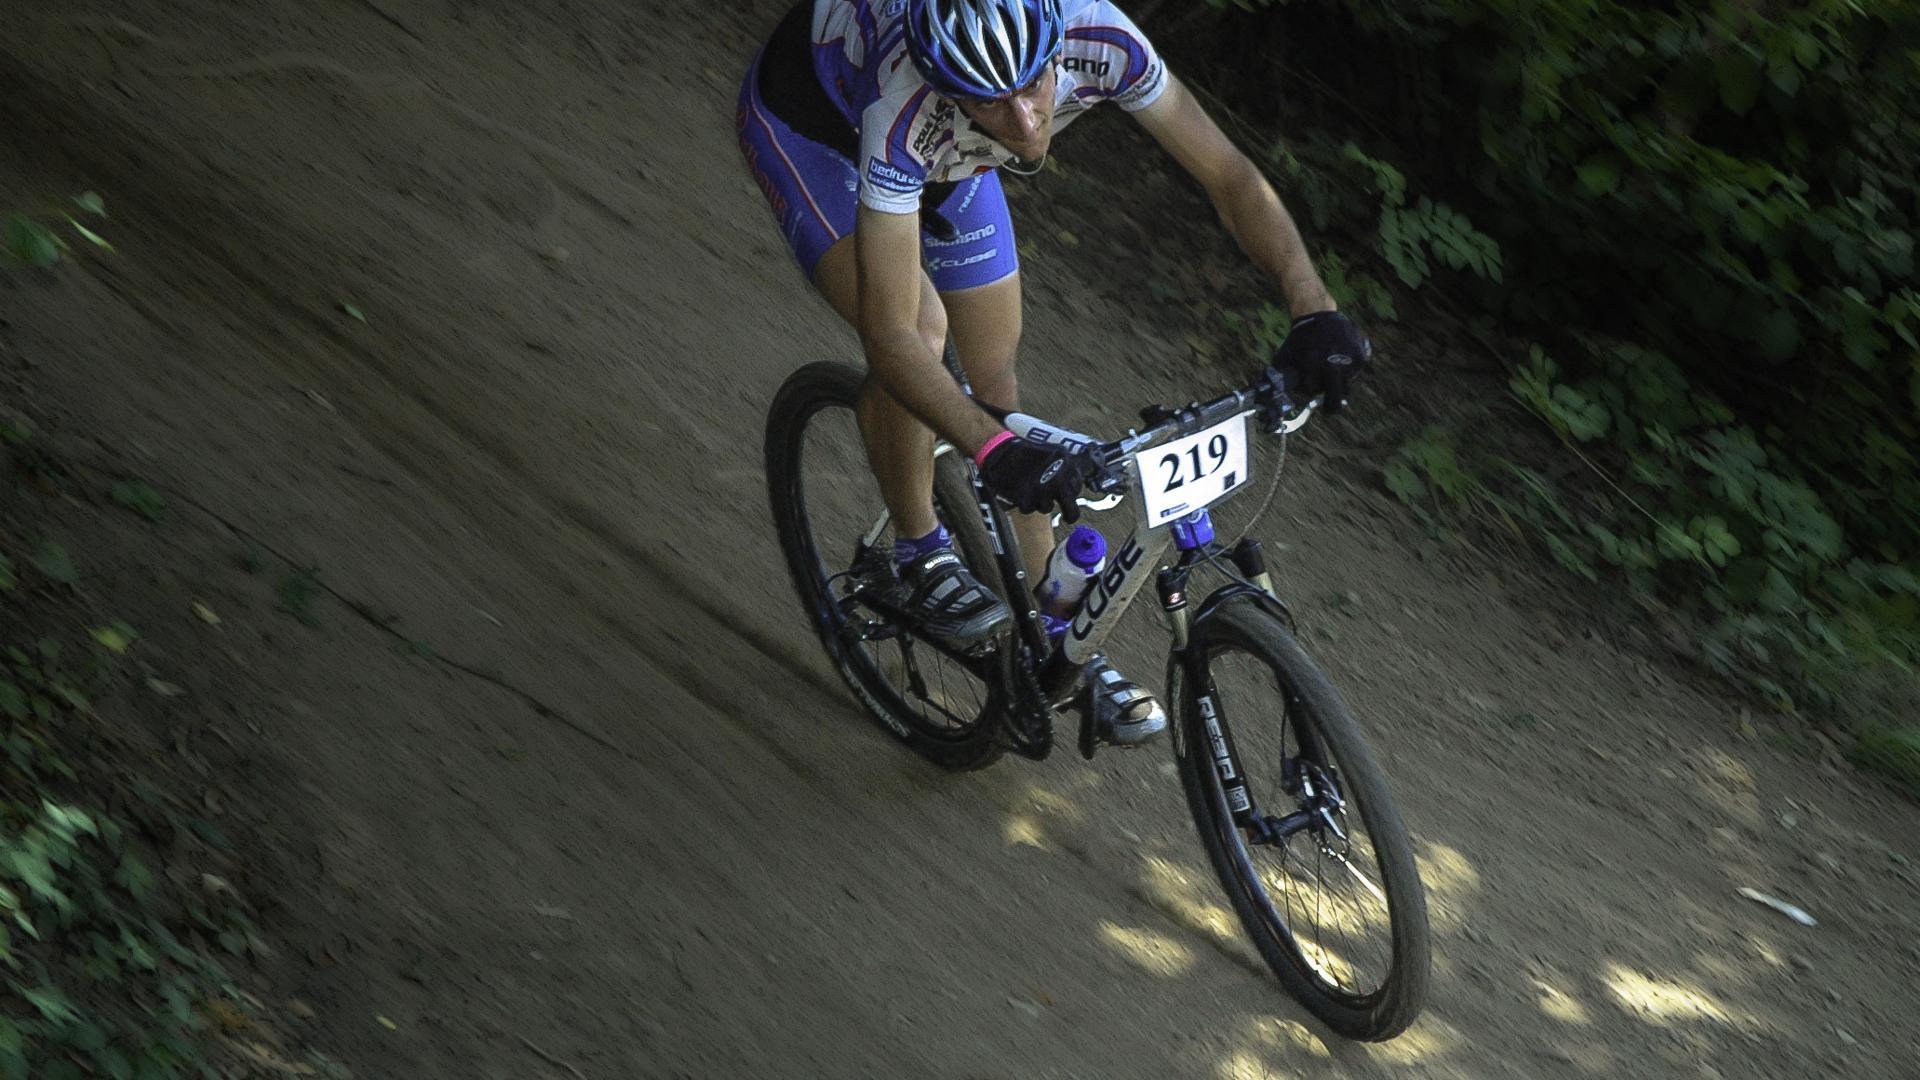 Beliebte Sportart: Ein Radfahrer fährt auf einem rasant auf der Rennstrecke beim Schwarzwälder Tälercup in Hausach. Auch in Gaggenau sind Mountainbiker unterwegs.